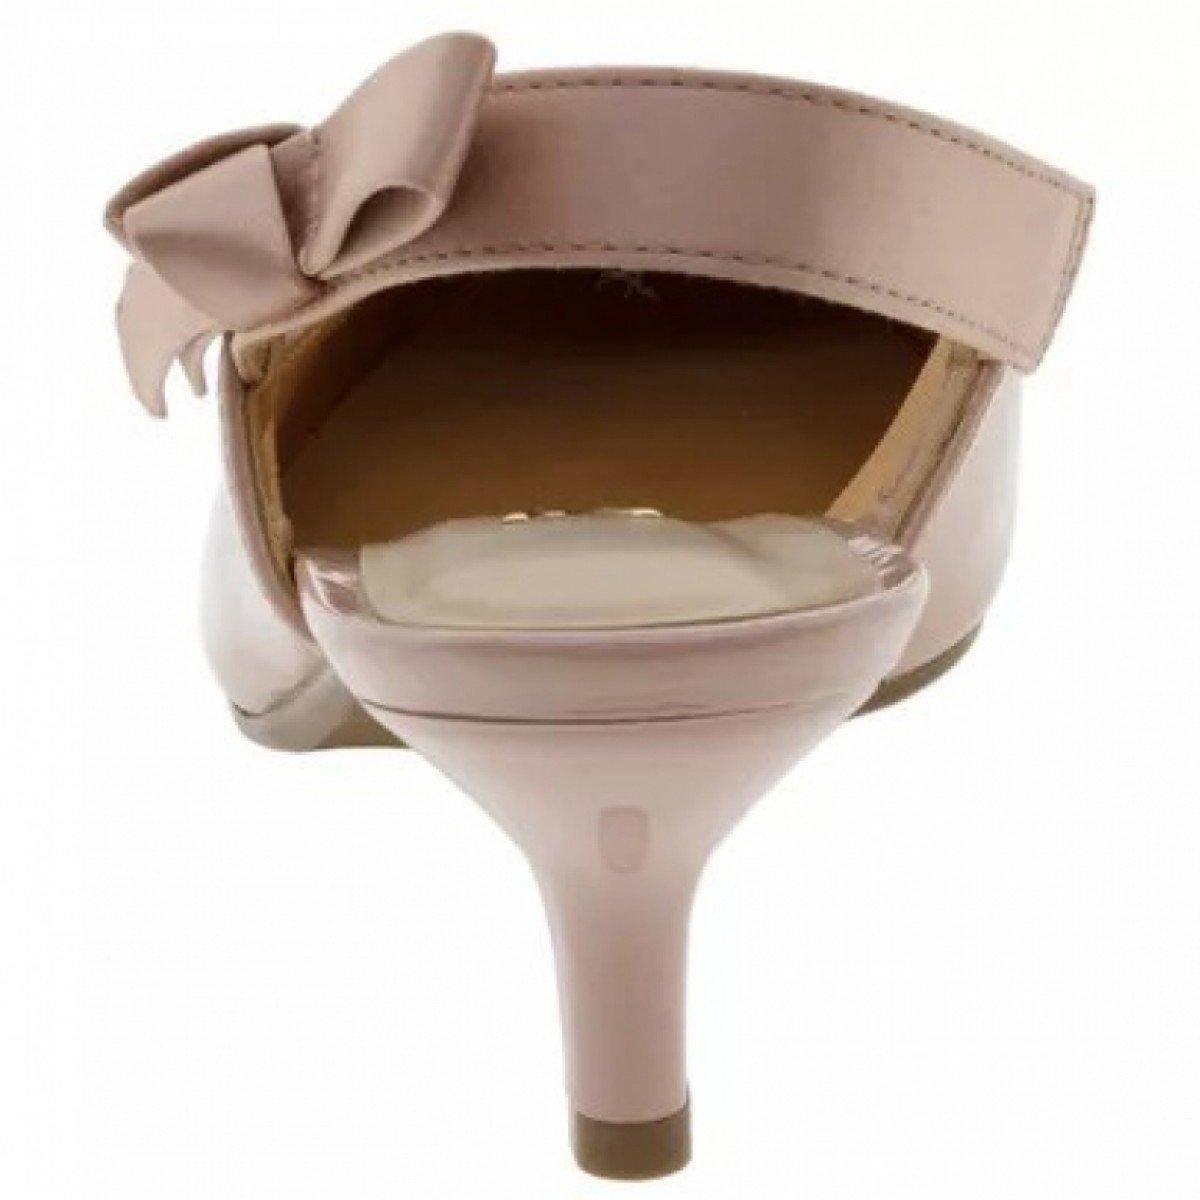 2b7f791b3e Sapato Feminino Vizzano Scarpin Chanel Verniz Rosa - Compre Agora ...